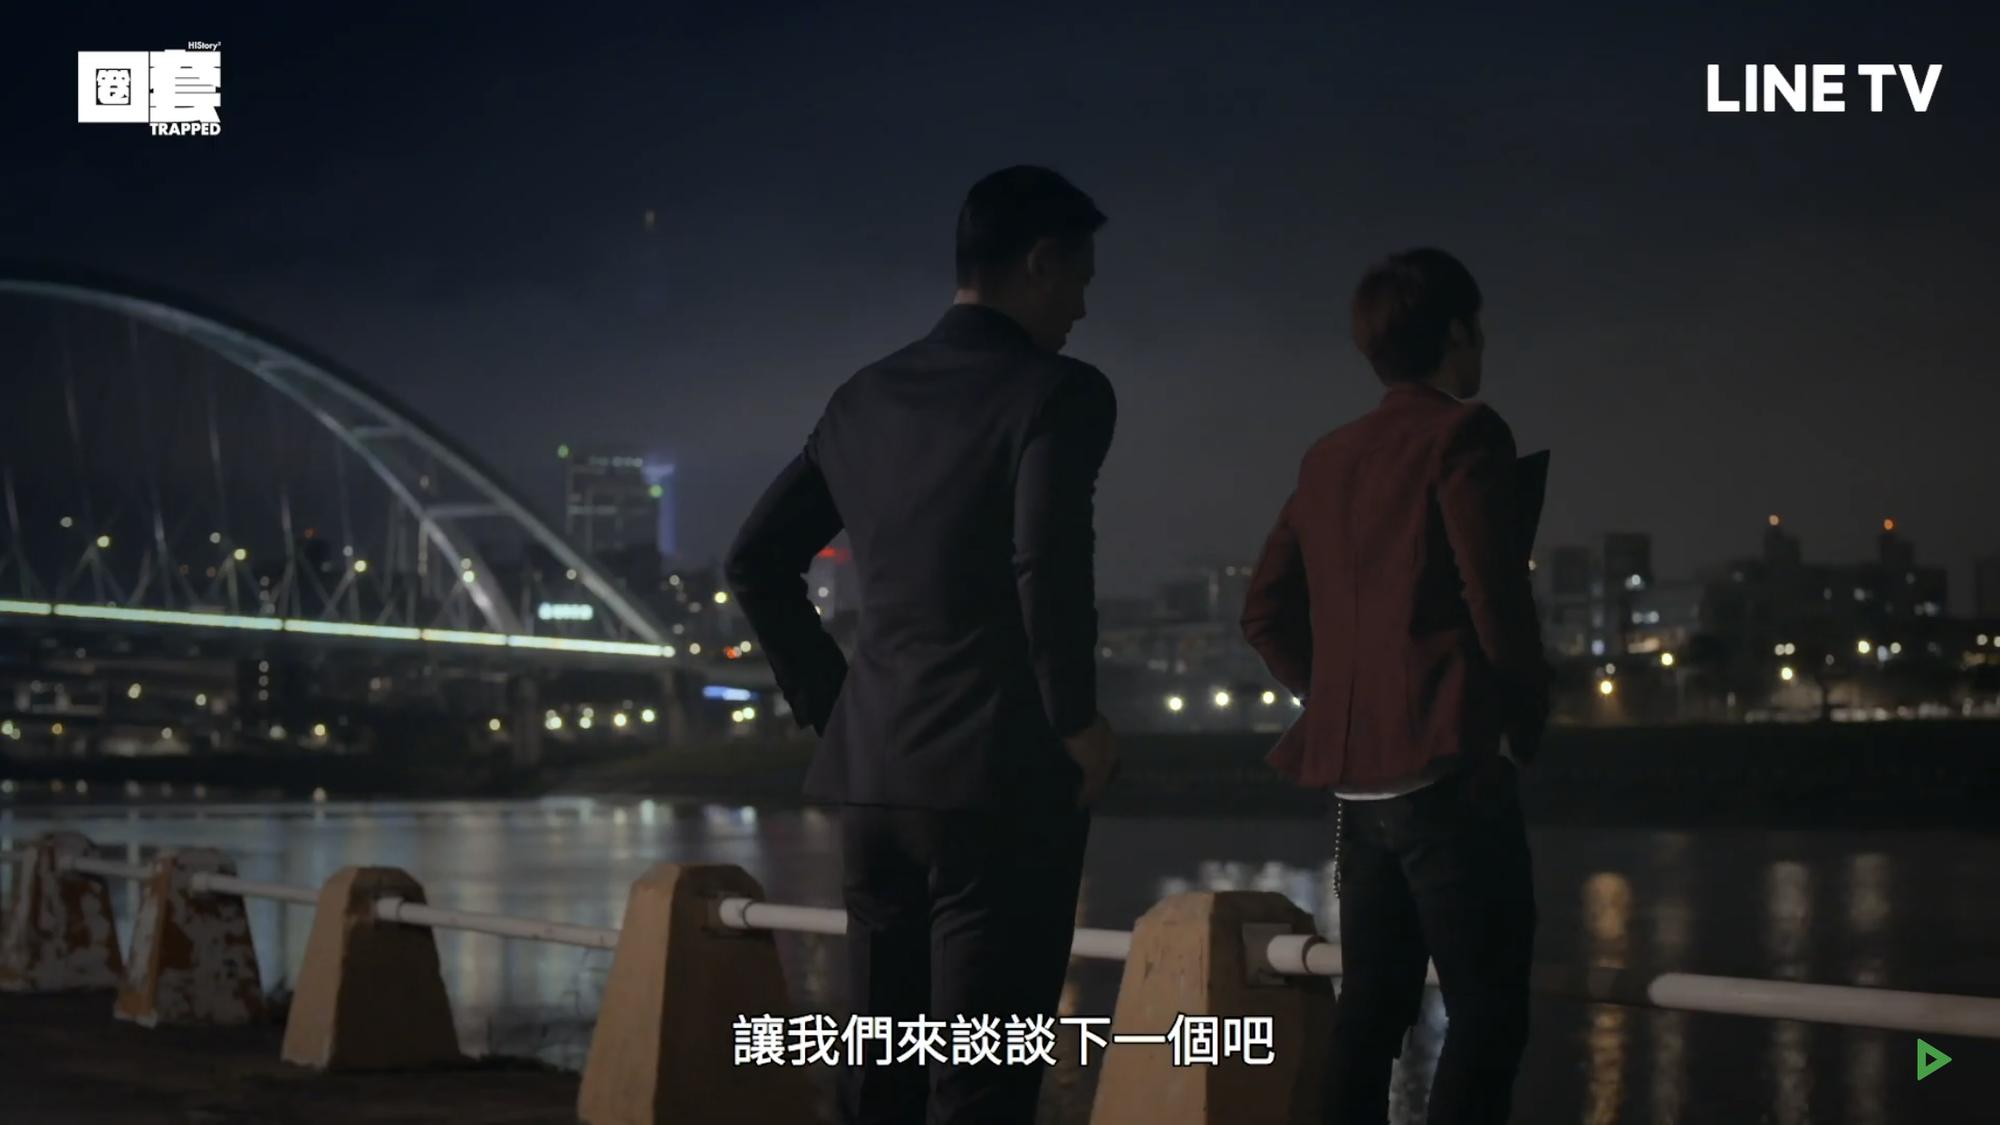 HIStory 3 tung teaser tập mới khiến dân tình hoang mang: Đường Nghị nổ súng, Mạnh Thiếu Phi trúng đạn? - Ảnh 3.